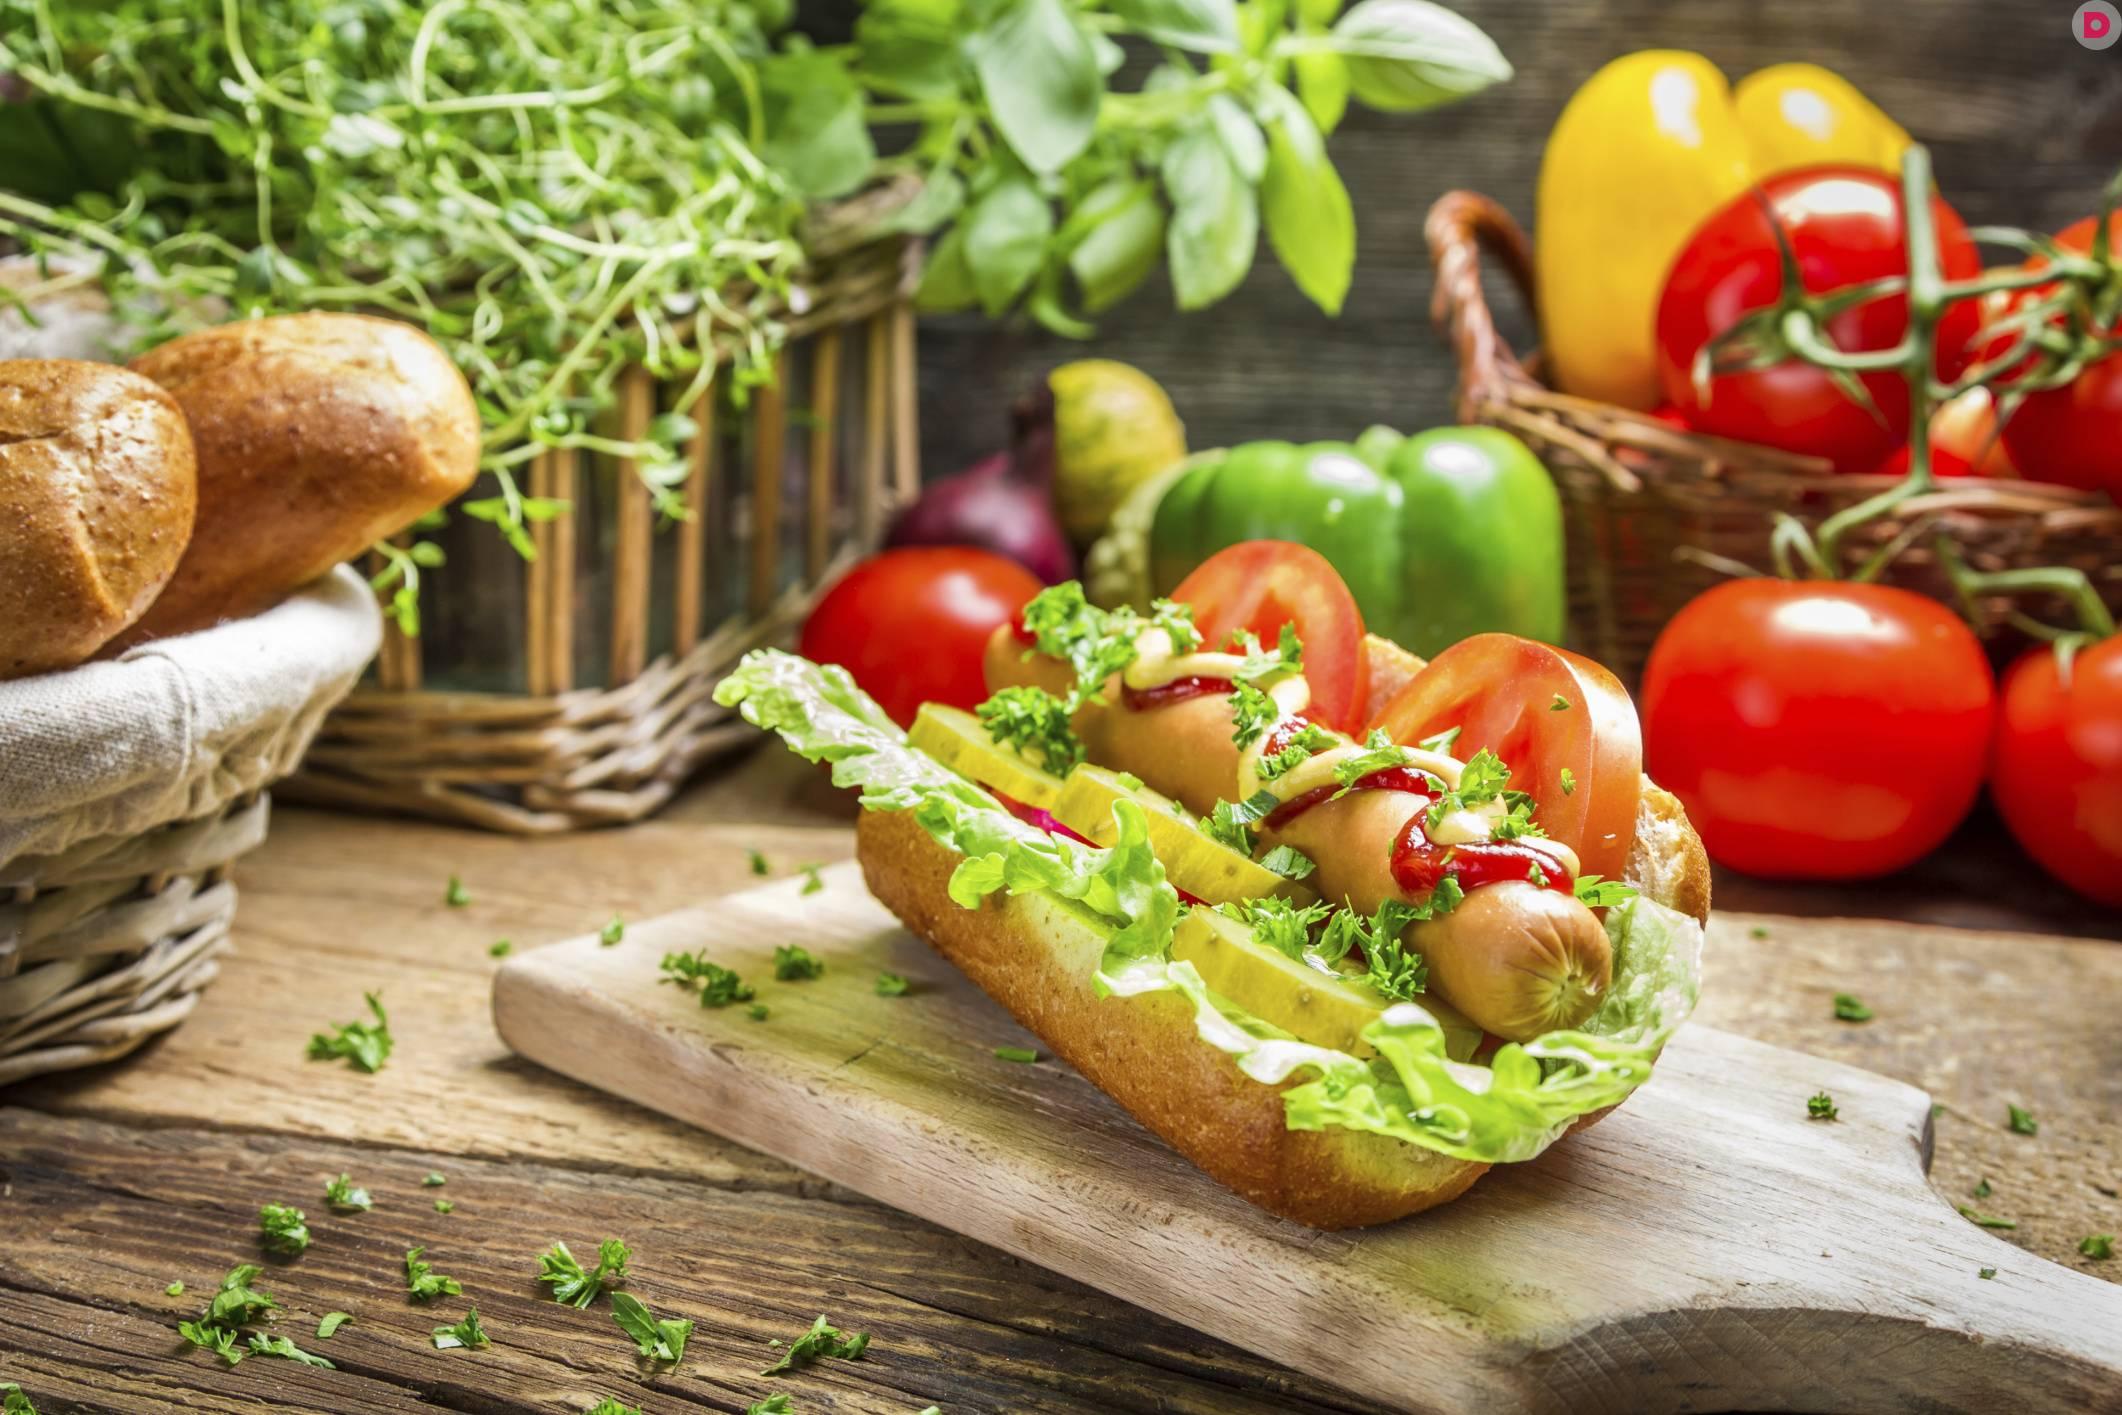 Как приготовить ход дог. вкусный домашний хот-дог — как сделать хот-дог